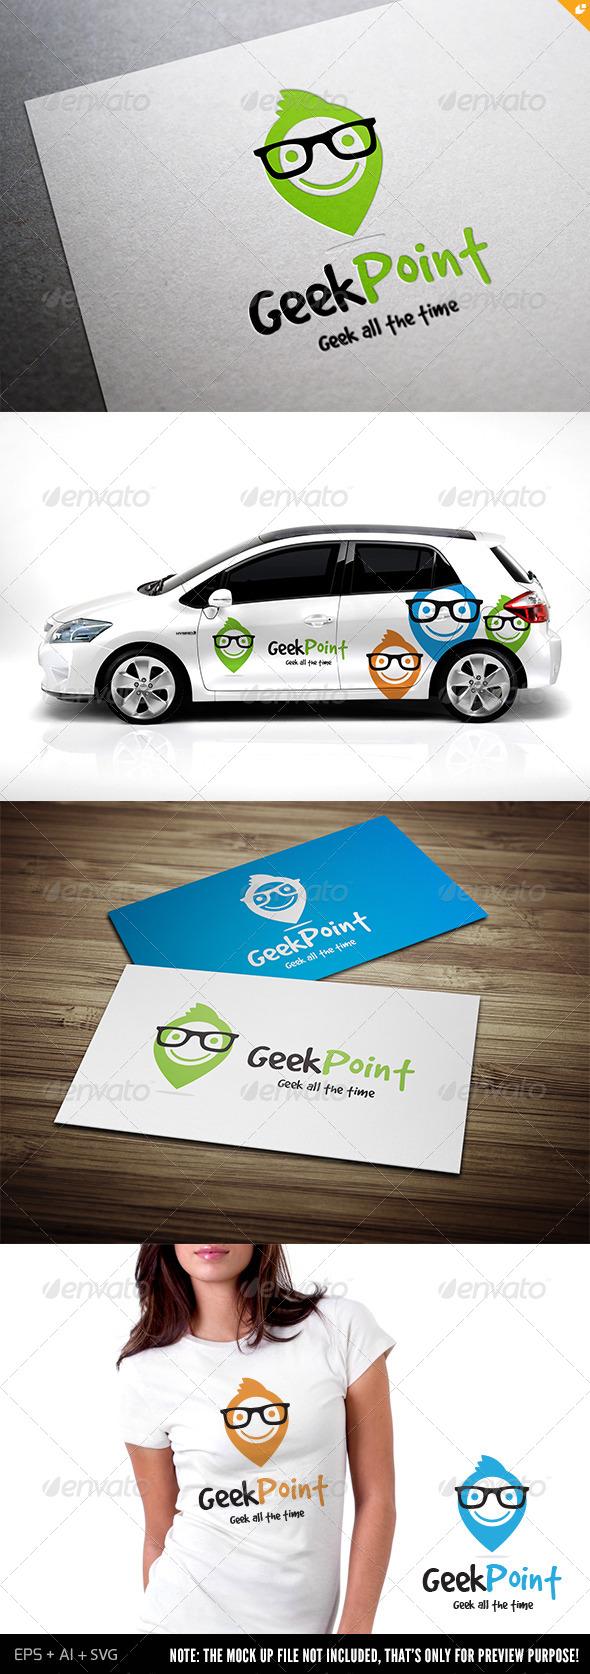 Geek Point